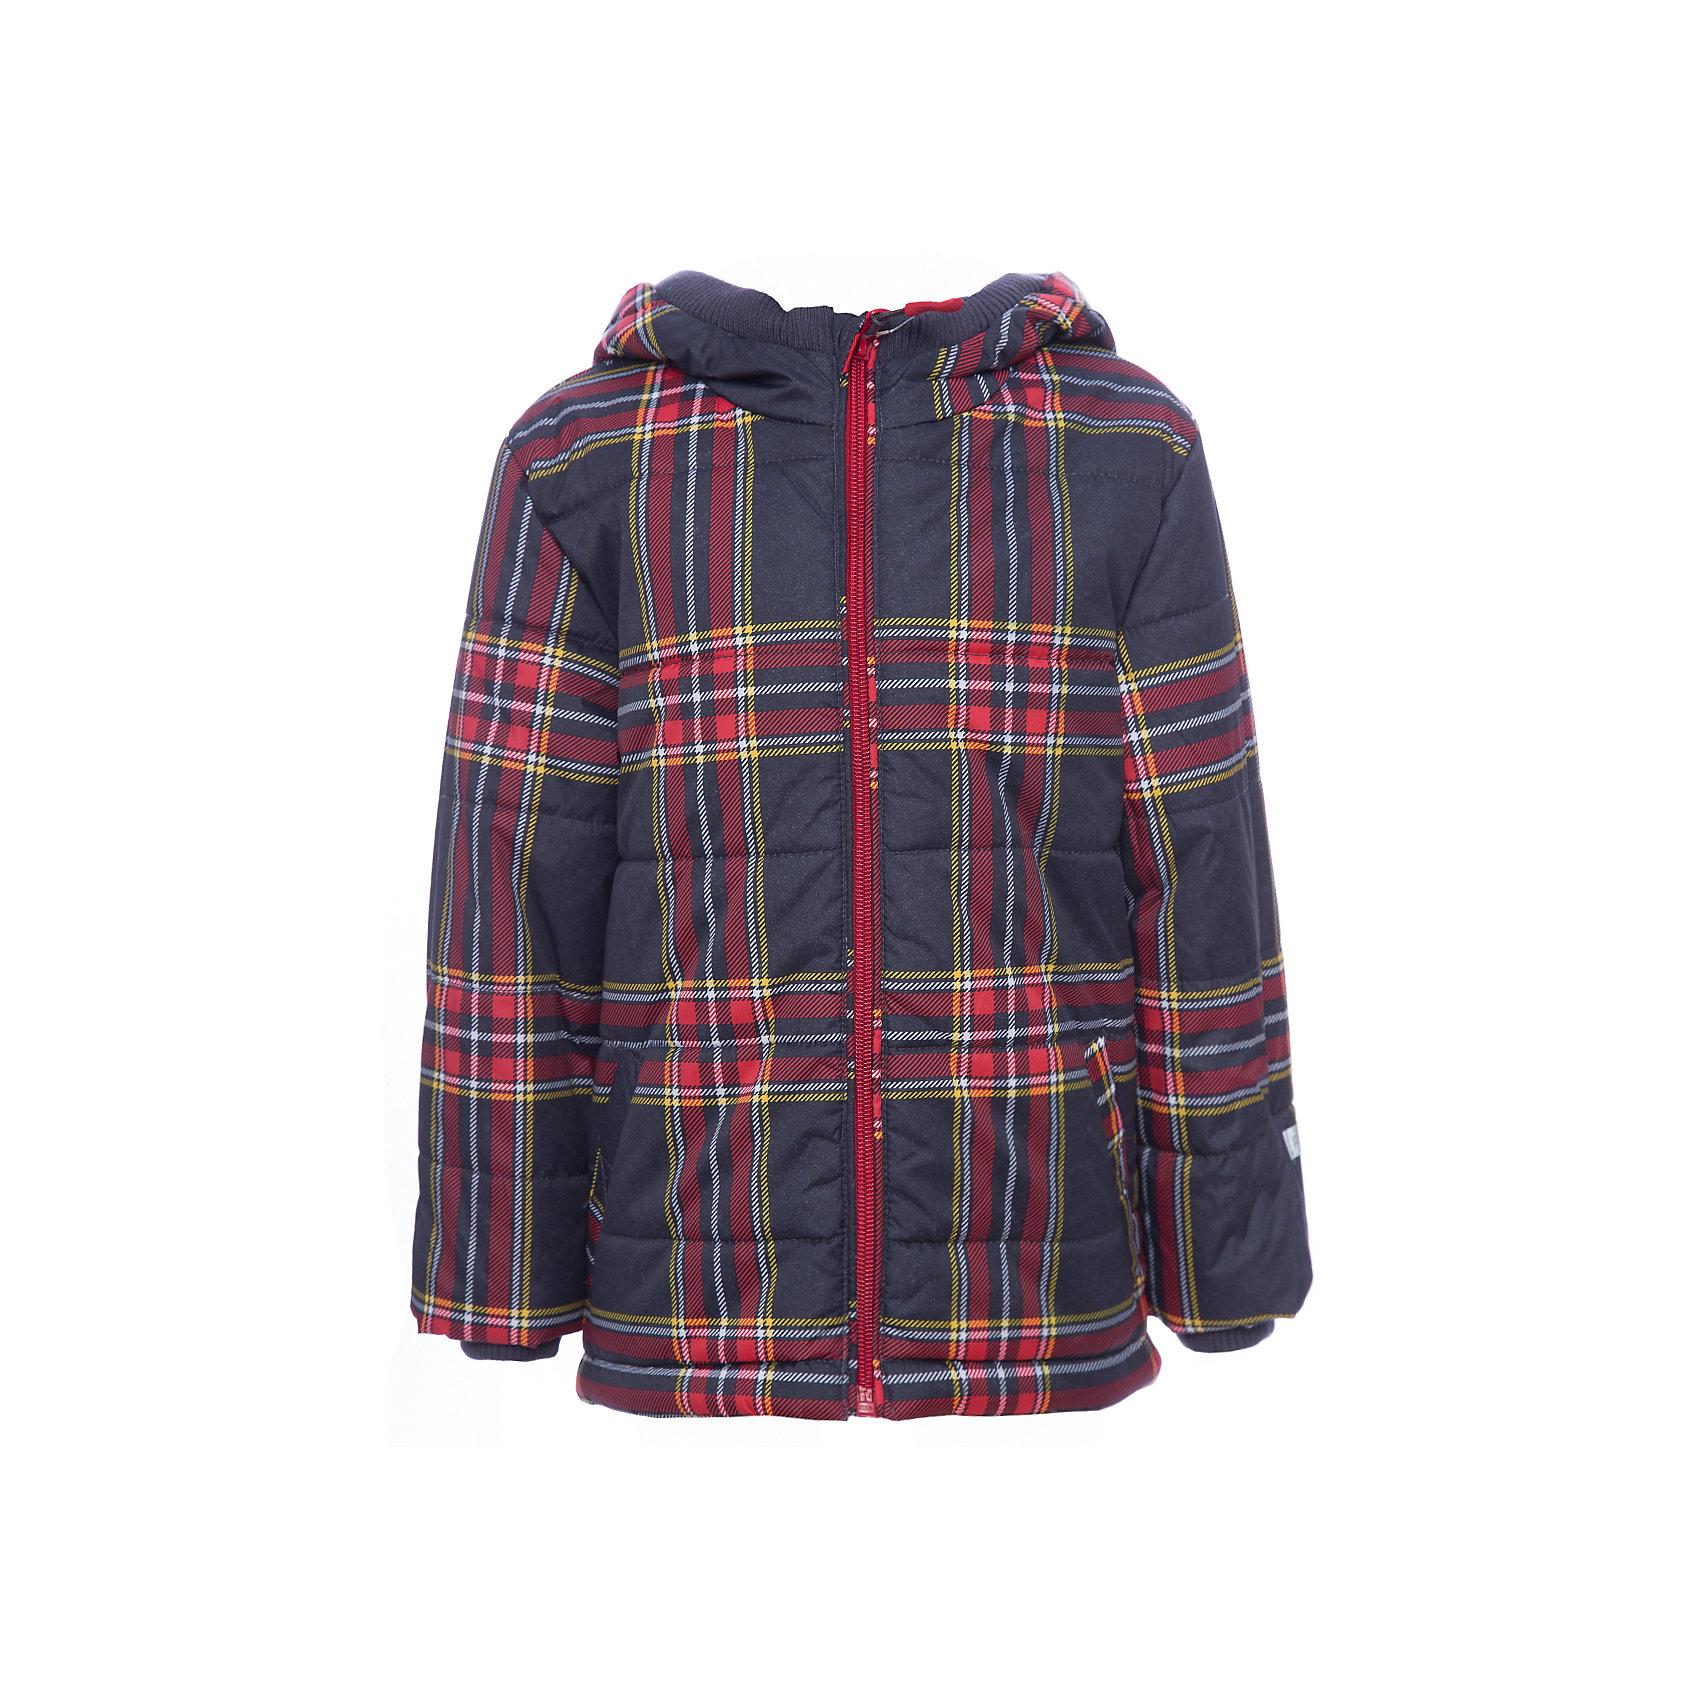 Куртка PlayToday для мальчикаВерхняя одежда<br>Куртка PlayToday для мальчика<br>Утепленная куртка из водоотталкивающей ткани. Модель на молнии, специальный карман для фиксации бегунка у горловины куртки не позволит застежке травмировать нежную детскую кожу. Модель дополнена вшивным капюшоном. Низ куртки на регулируемом шнуре - кулиске со специальными скрытыми карманами для стопперов. Манжеты модели на мягких трикотажных резинках для дополнительного сохранения тепла.<br>Состав:<br>Верх: 100% полиэстер, Подкладка: 100% полиэстер, Наполнитель: 100% полиэстер, 200 г/м2<br><br>Ширина мм: 356<br>Глубина мм: 10<br>Высота мм: 245<br>Вес г: 519<br>Цвет: белый<br>Возраст от месяцев: 84<br>Возраст до месяцев: 96<br>Пол: Мужской<br>Возраст: Детский<br>Размер: 128,98,104,110,116,122<br>SKU: 7111302